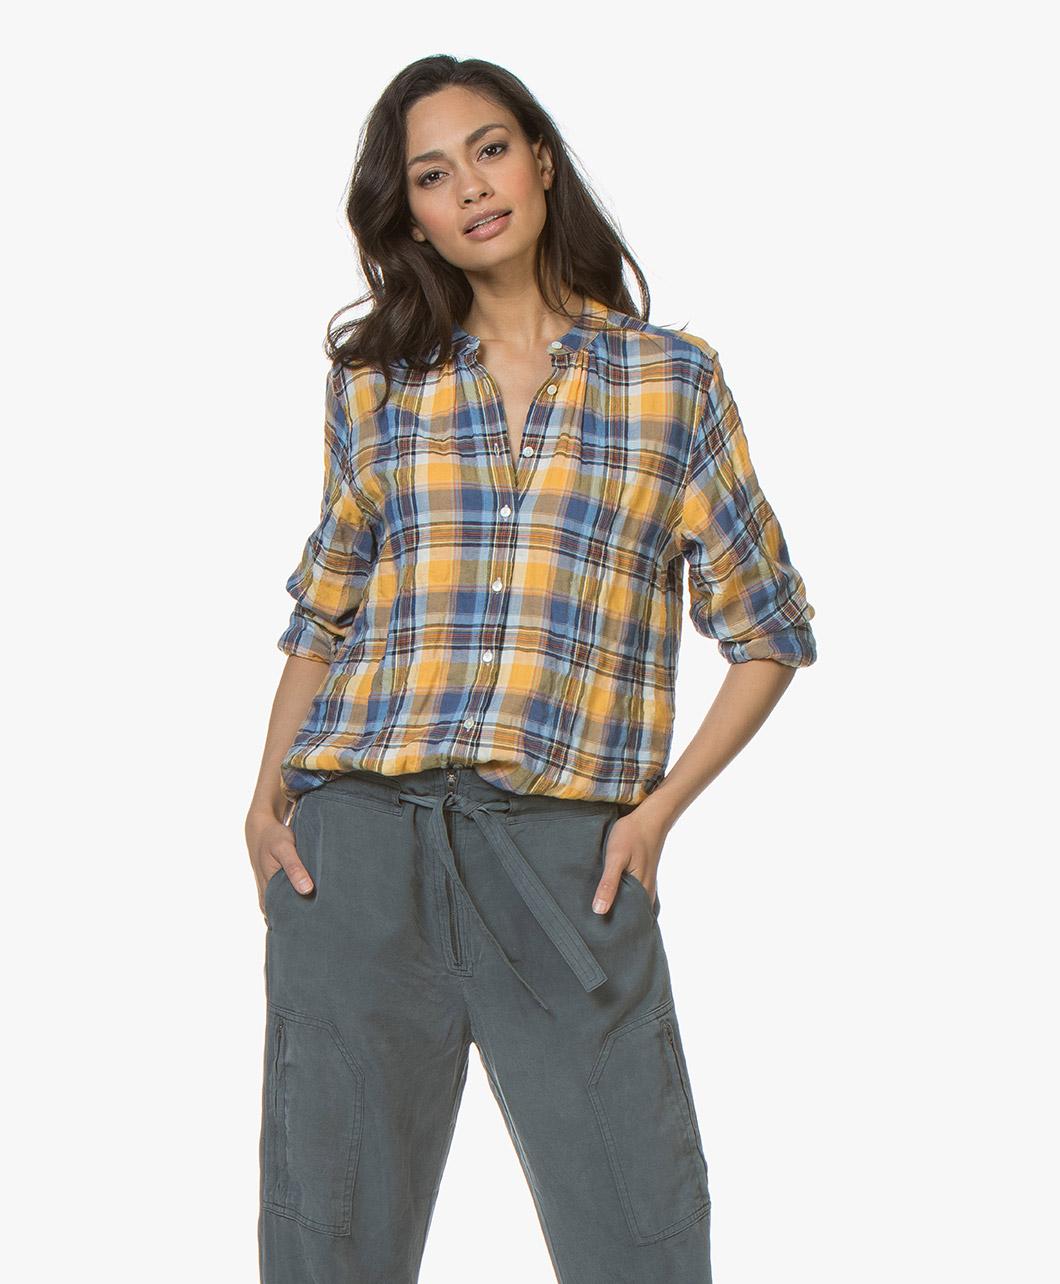 Afbeelding van Closed Blouse Multi Color Jayla Flannel met Ruitpatroon